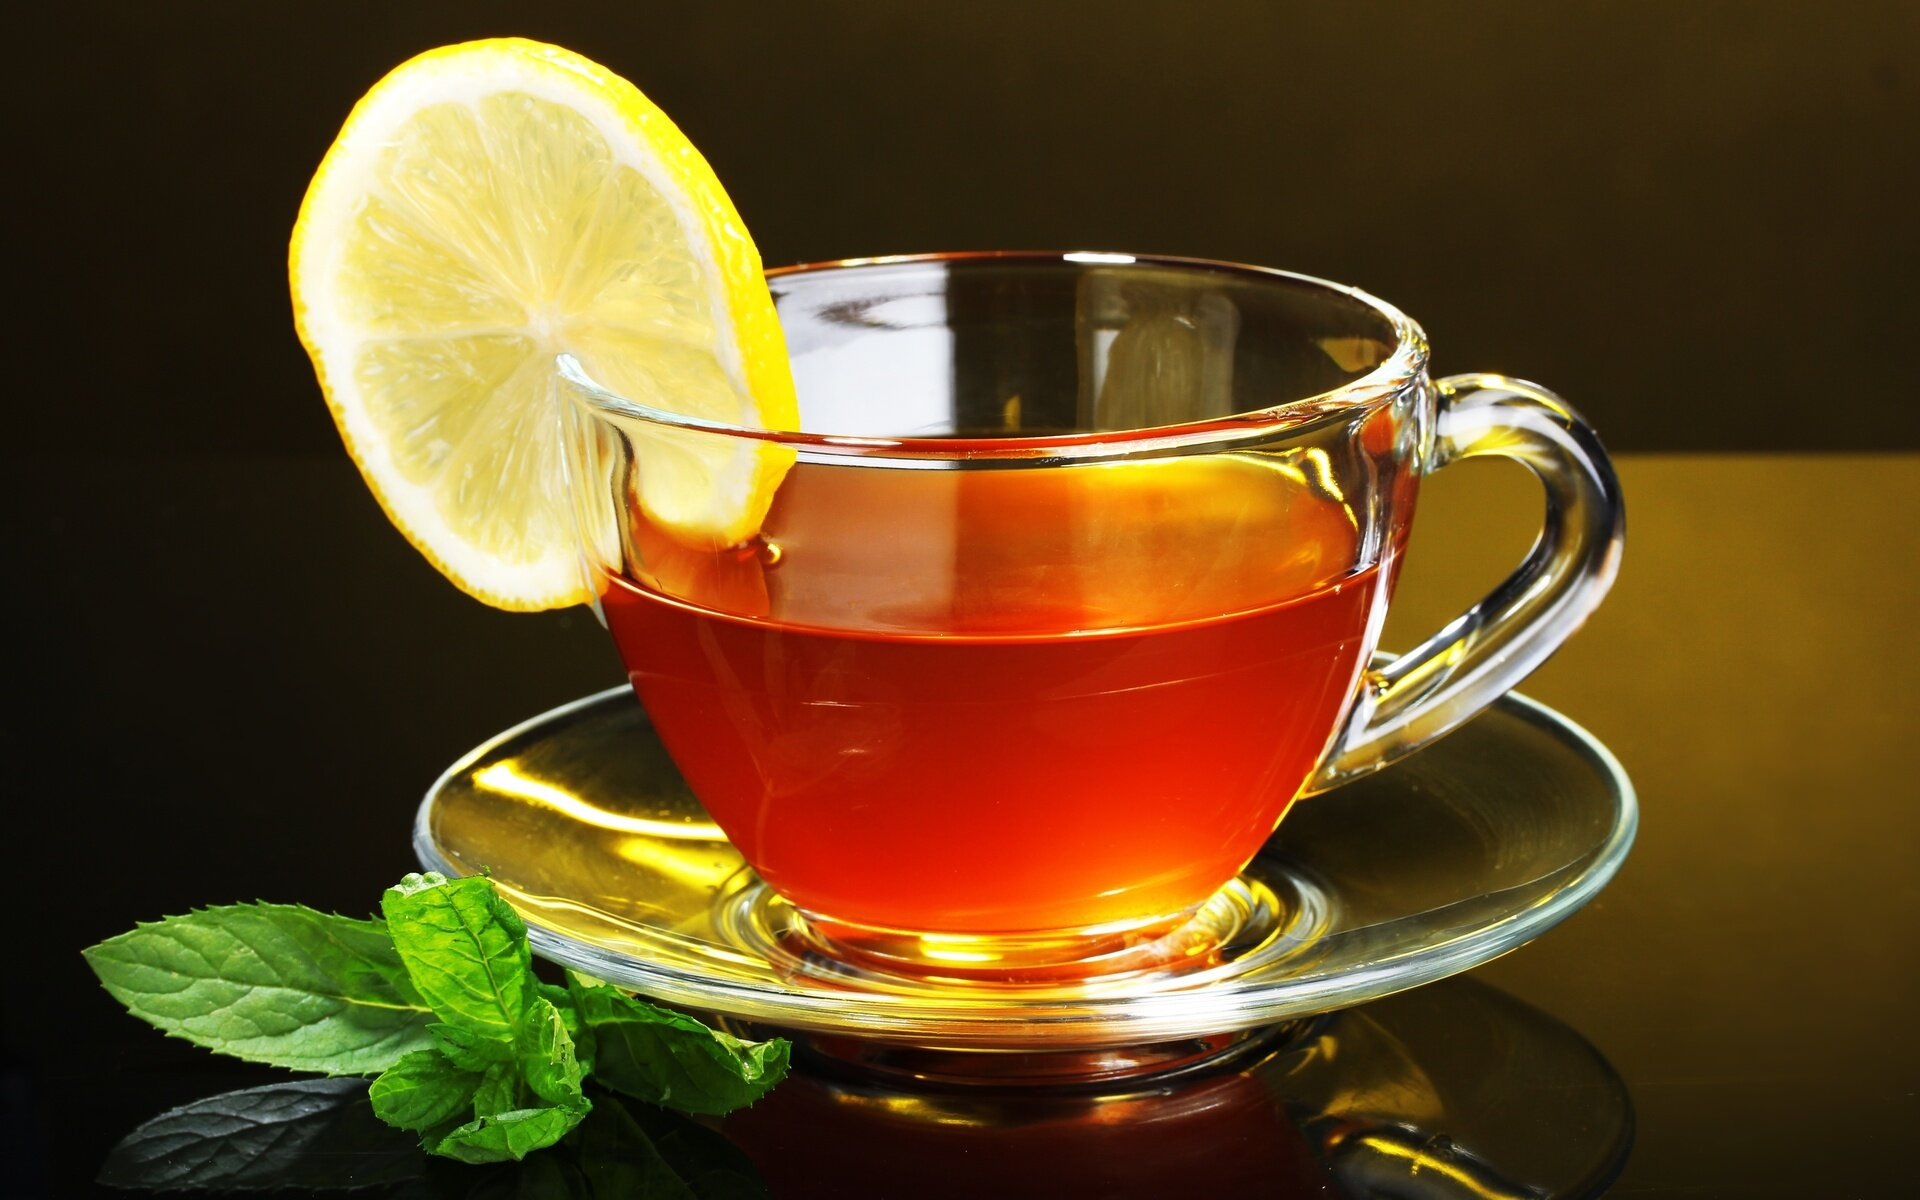 Cách chữa các bệnh đơn giản chỉ bằng việc uống trà